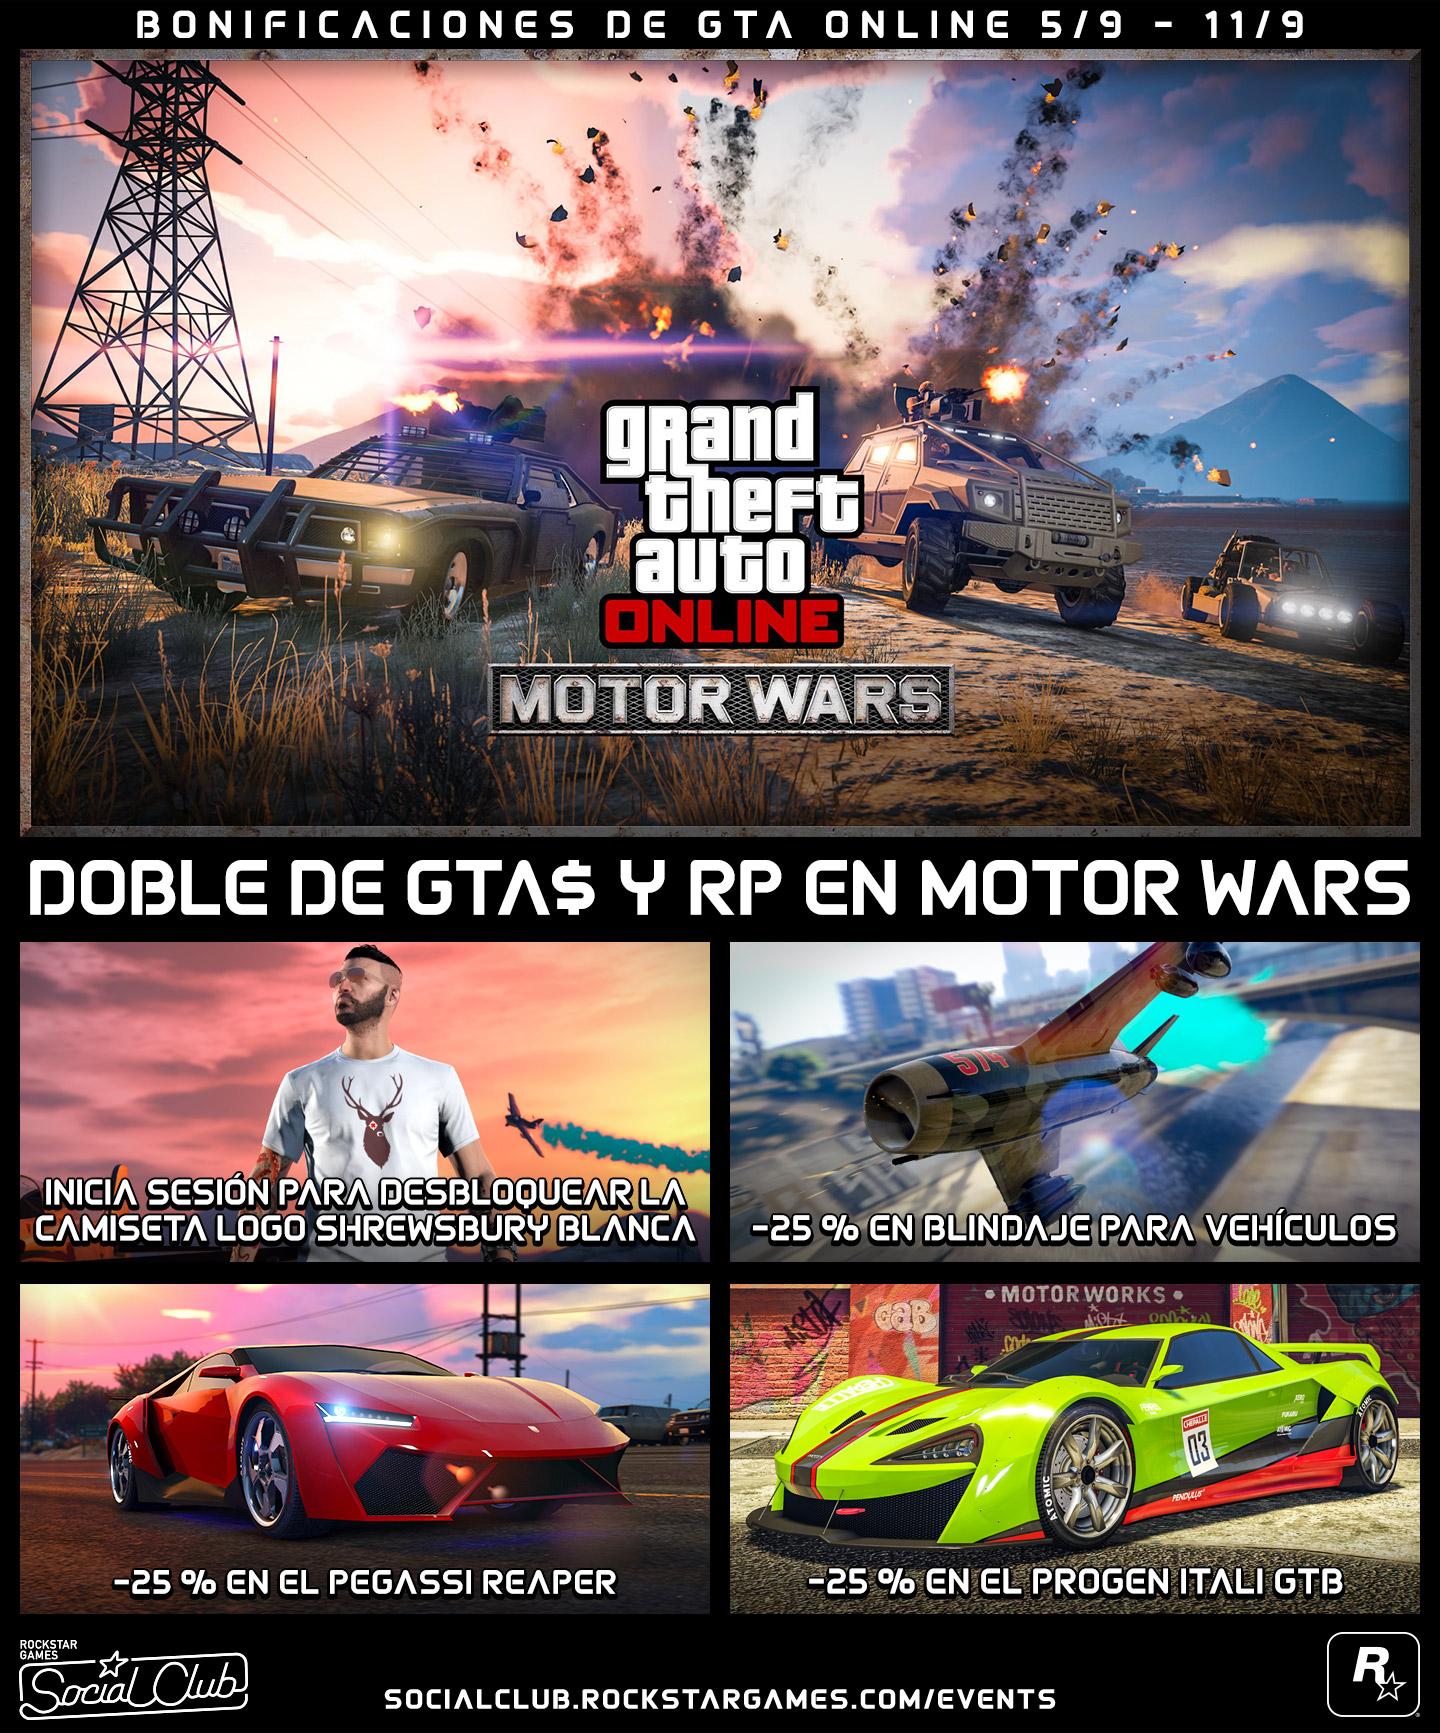 Bonificaciones De Gta Online Doble De Gta Y Rp En Motor Wars